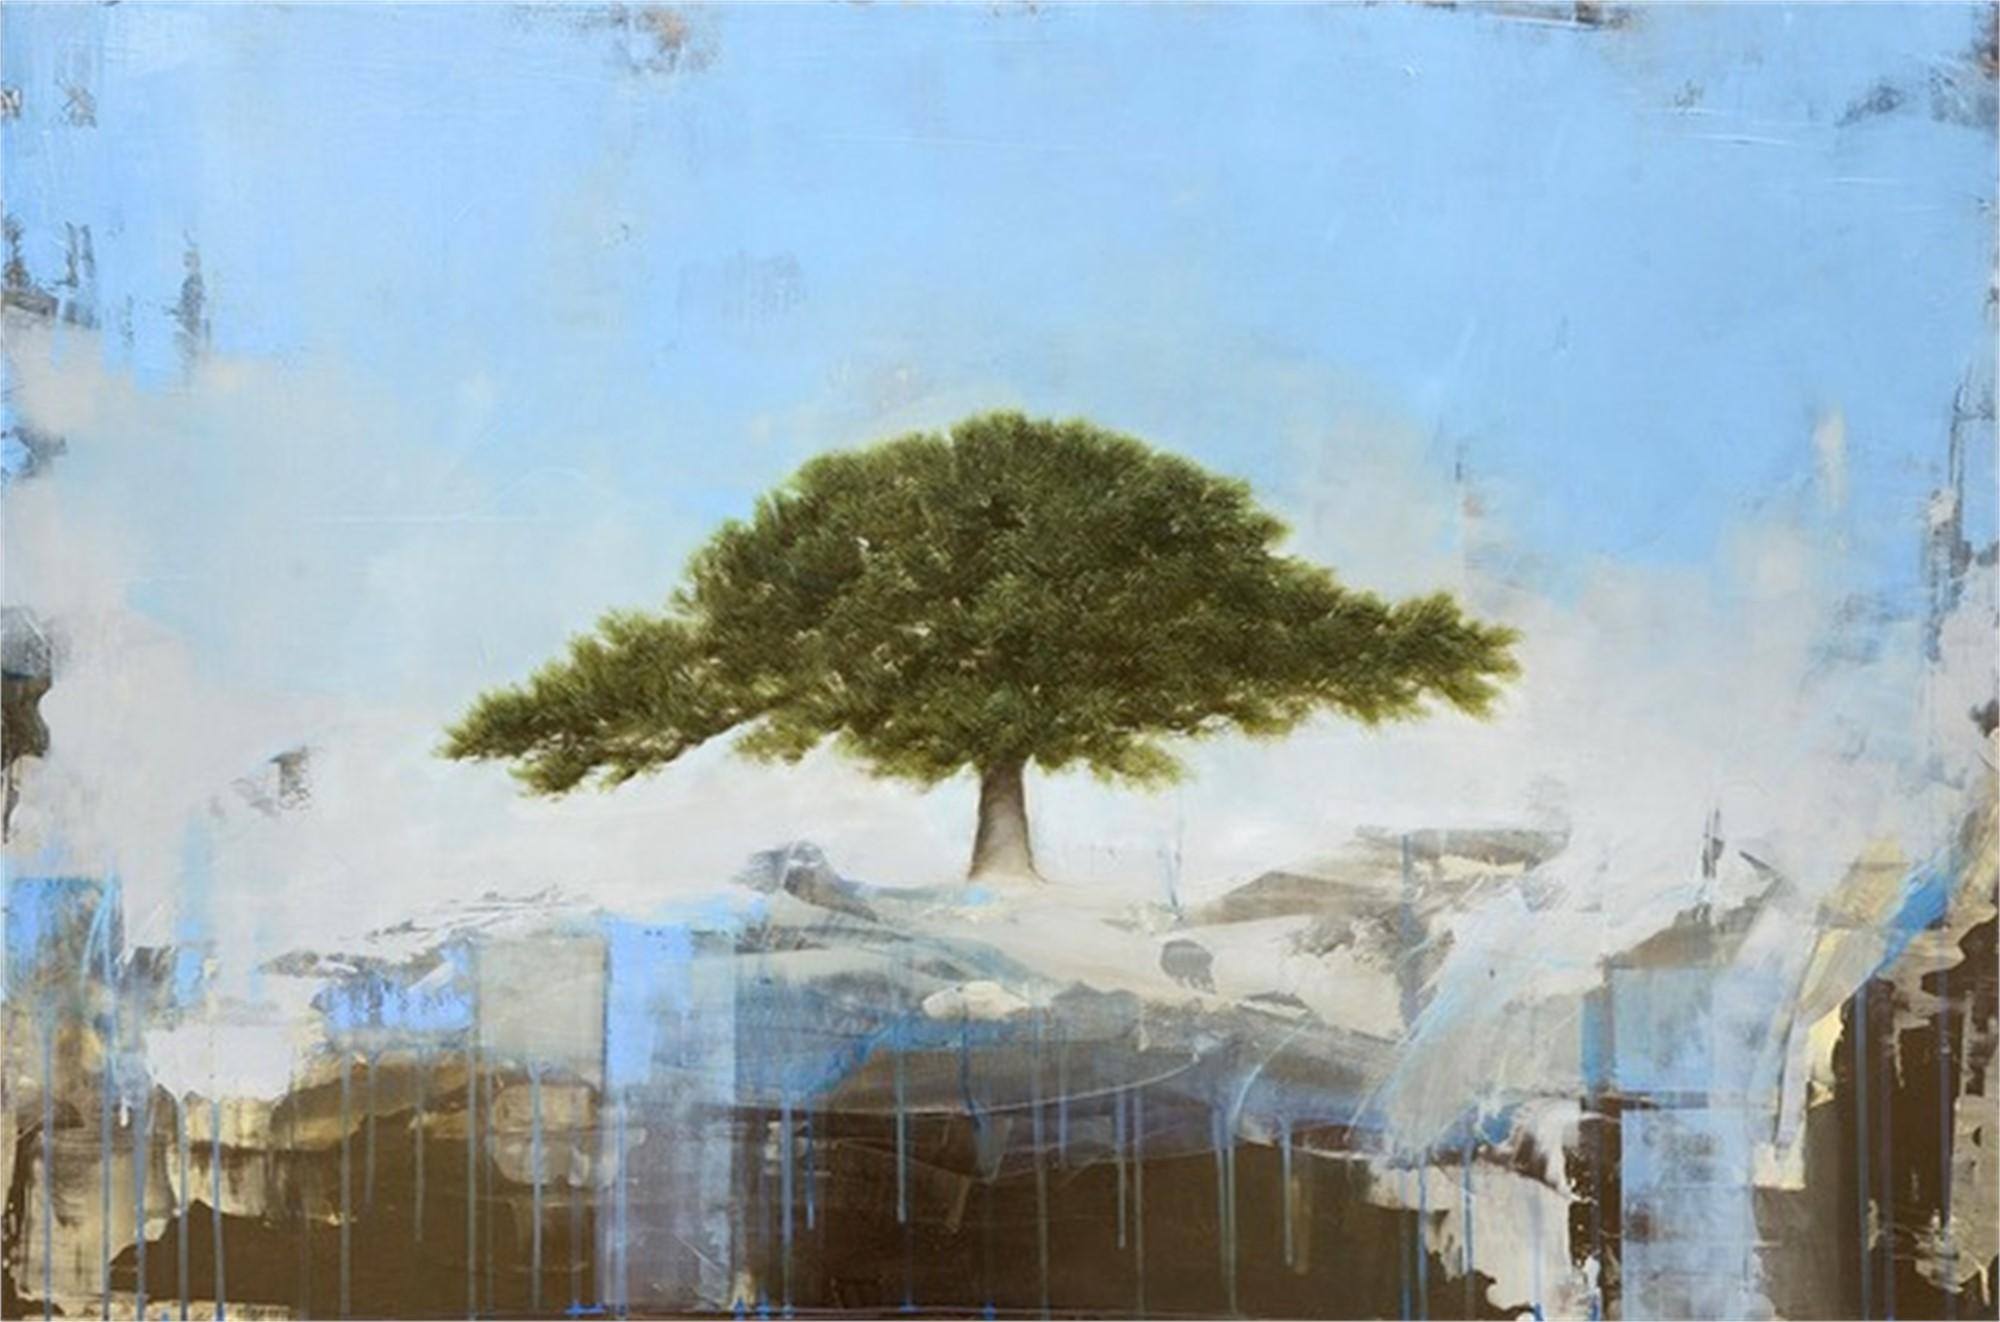 Tree of Wisdom by Jessica Pisano